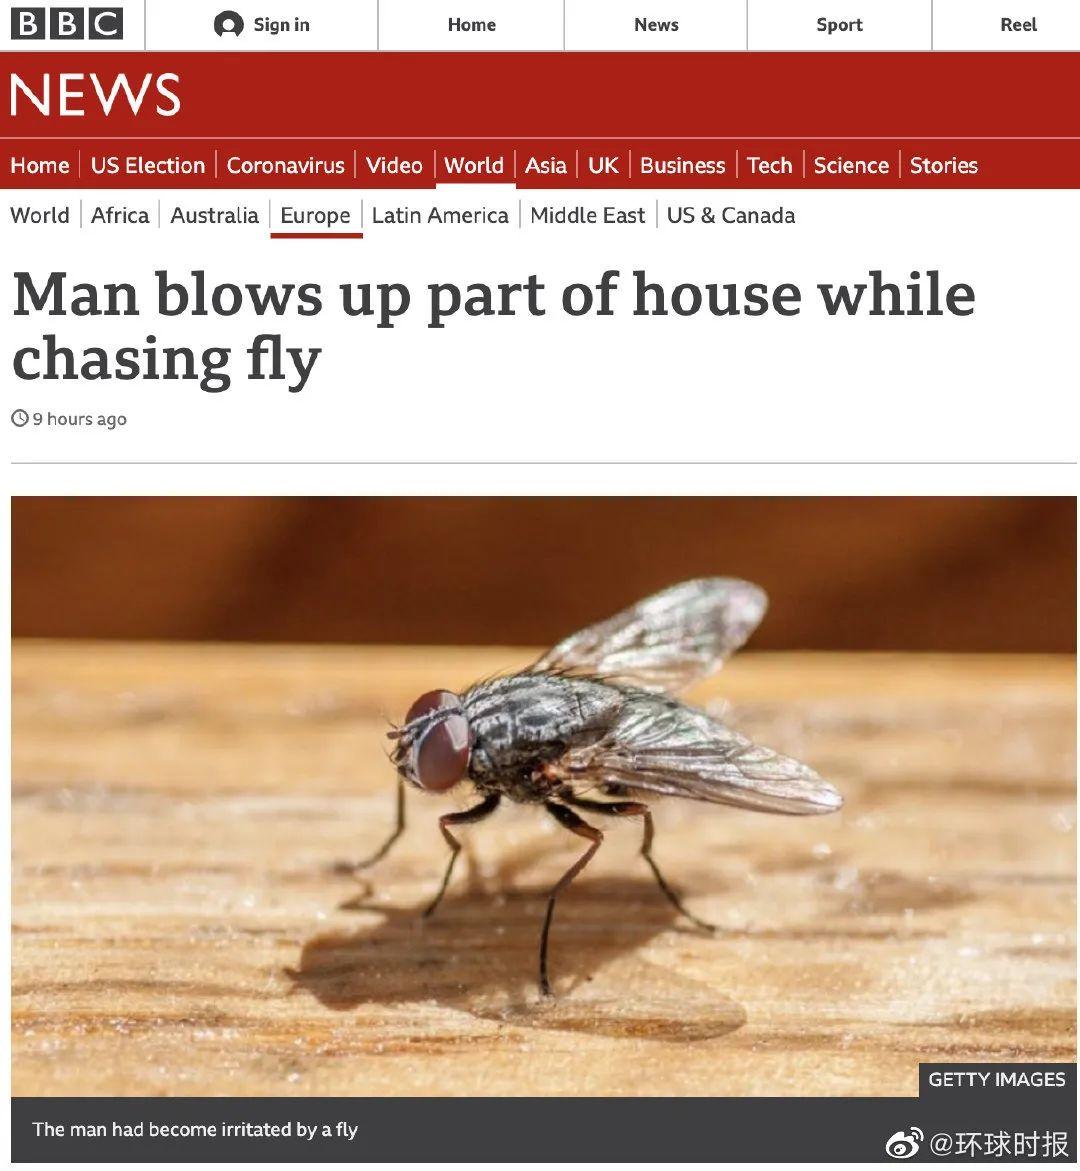 皇冠注册:法国一男子打苍蝇,把自己家炸了 第1张